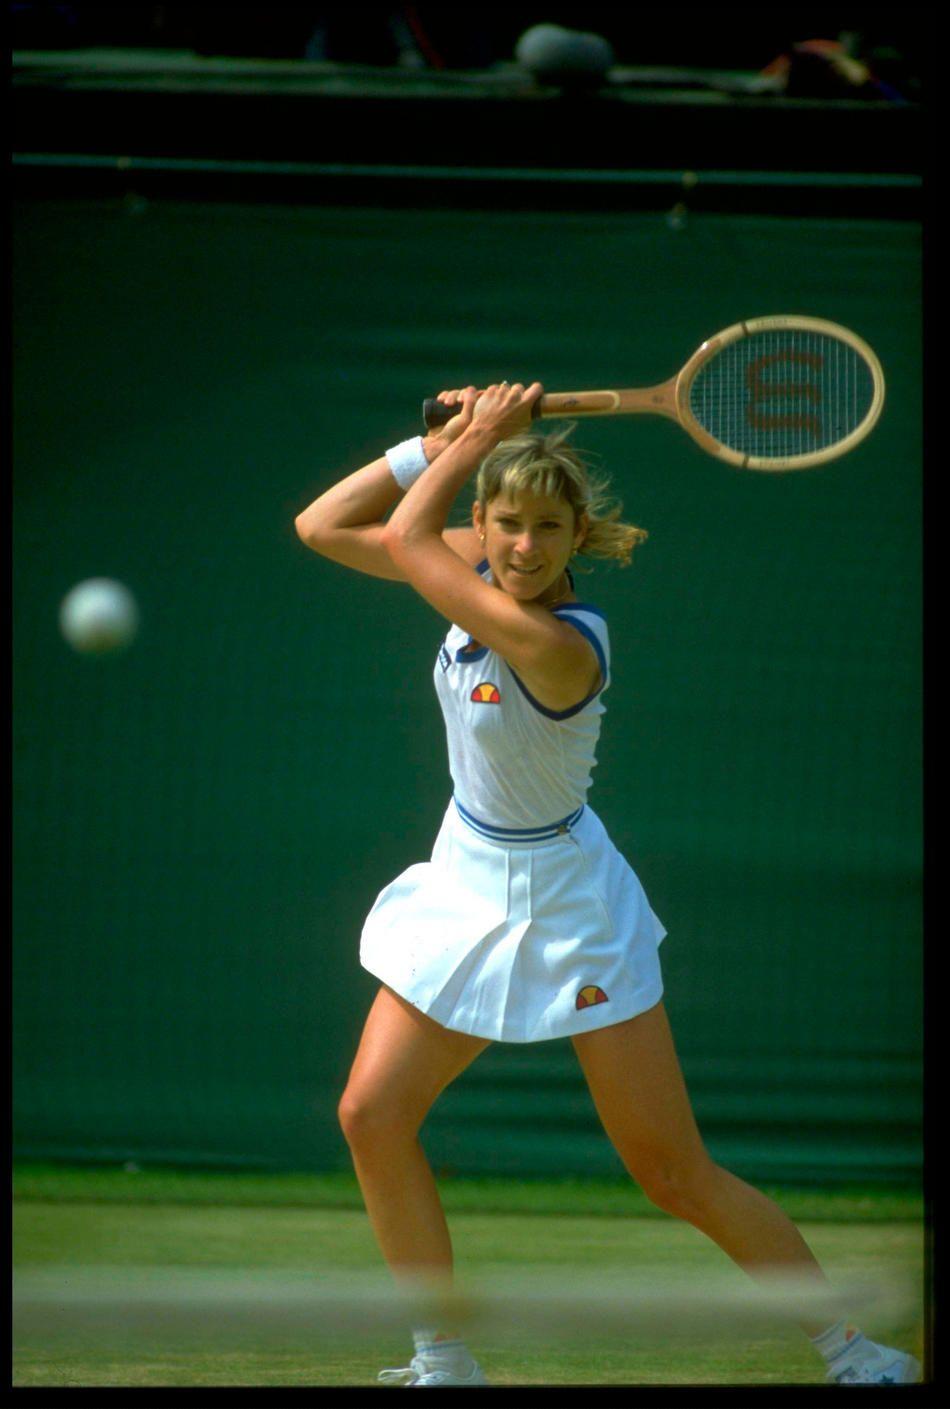 Chris Evert 1982 Wimbledon. Love the look of determintion